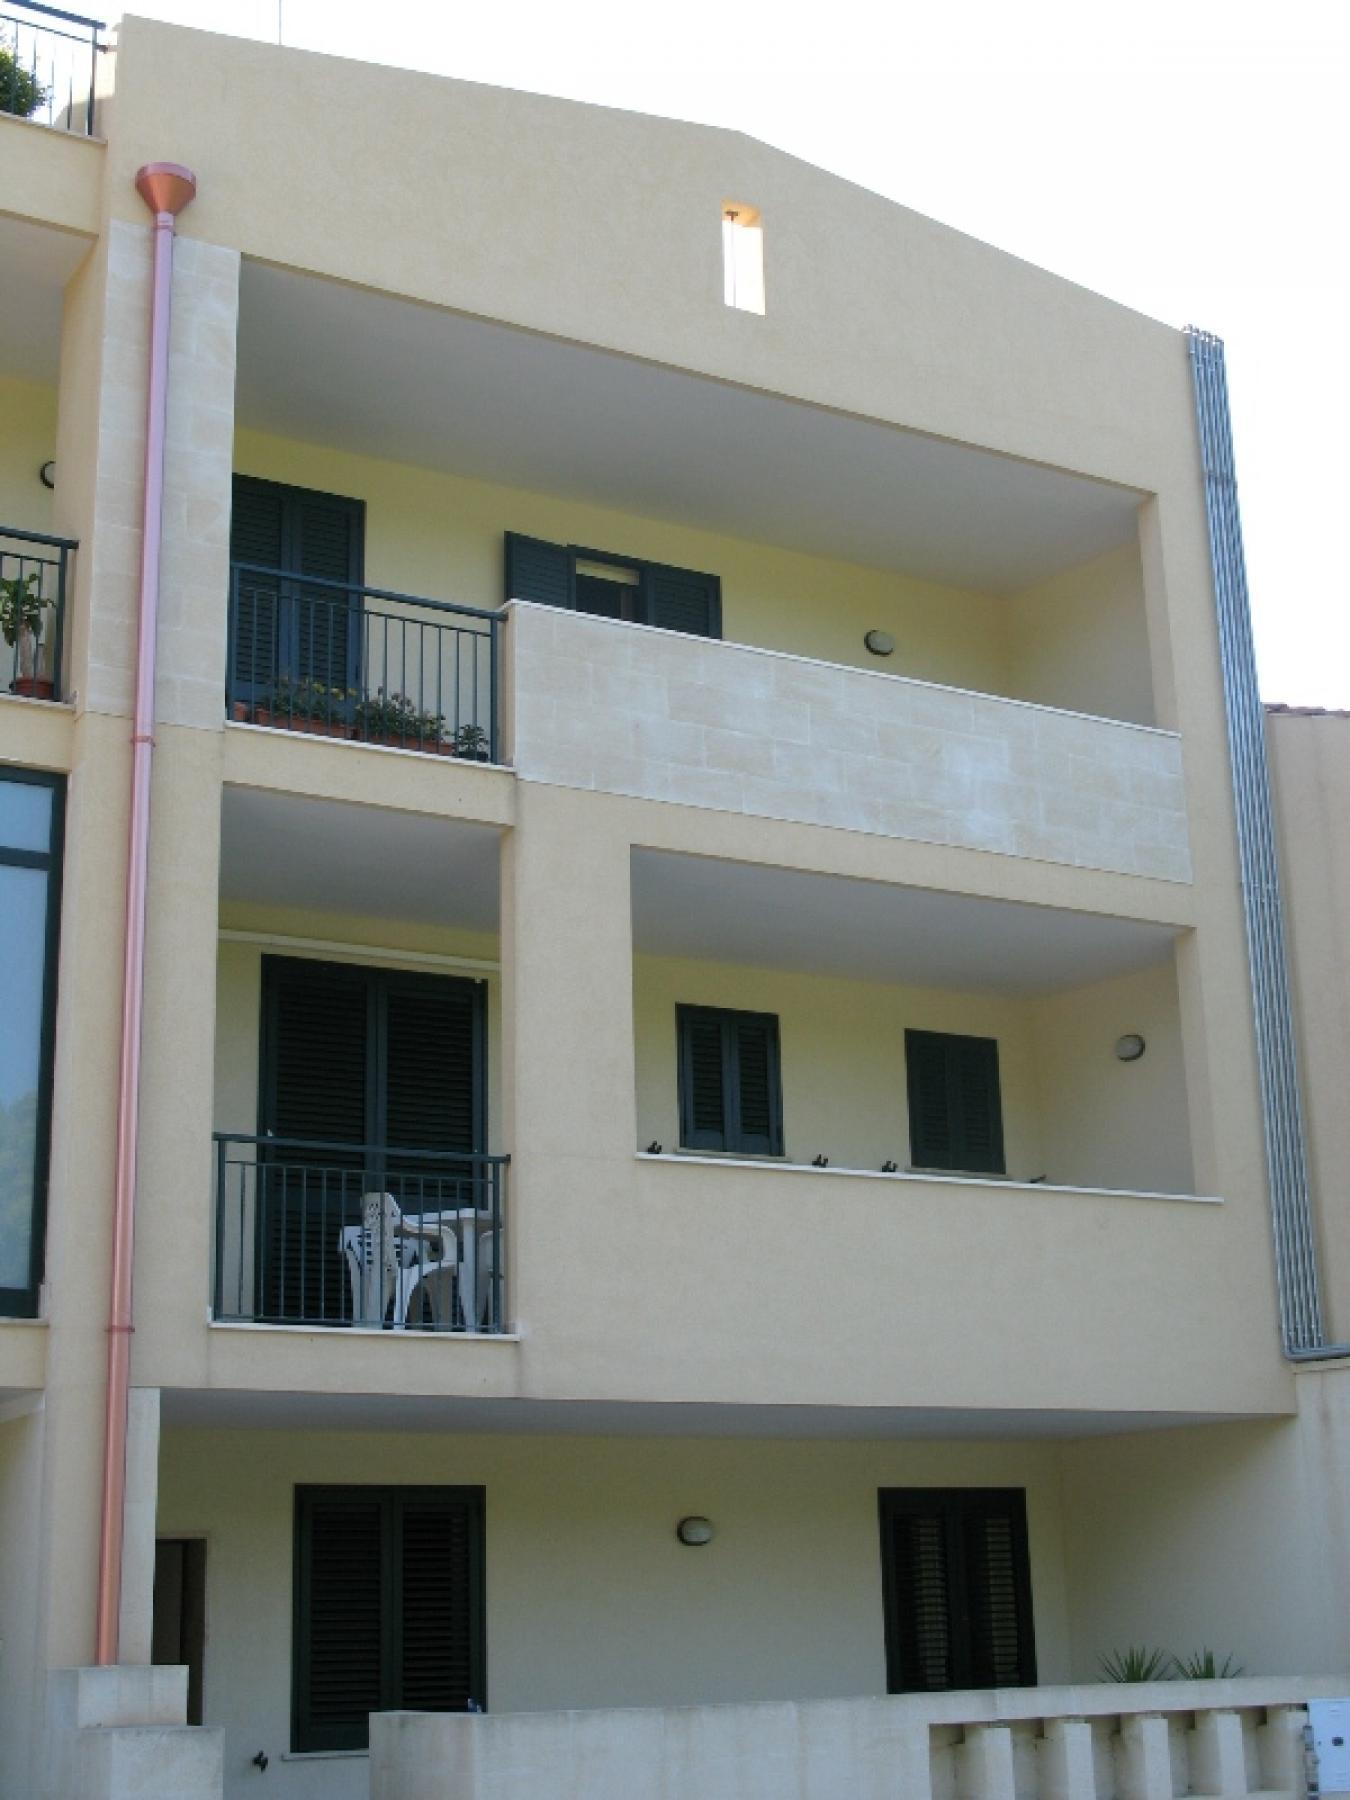 case vacanze - Otranto - Appartamento Graziana